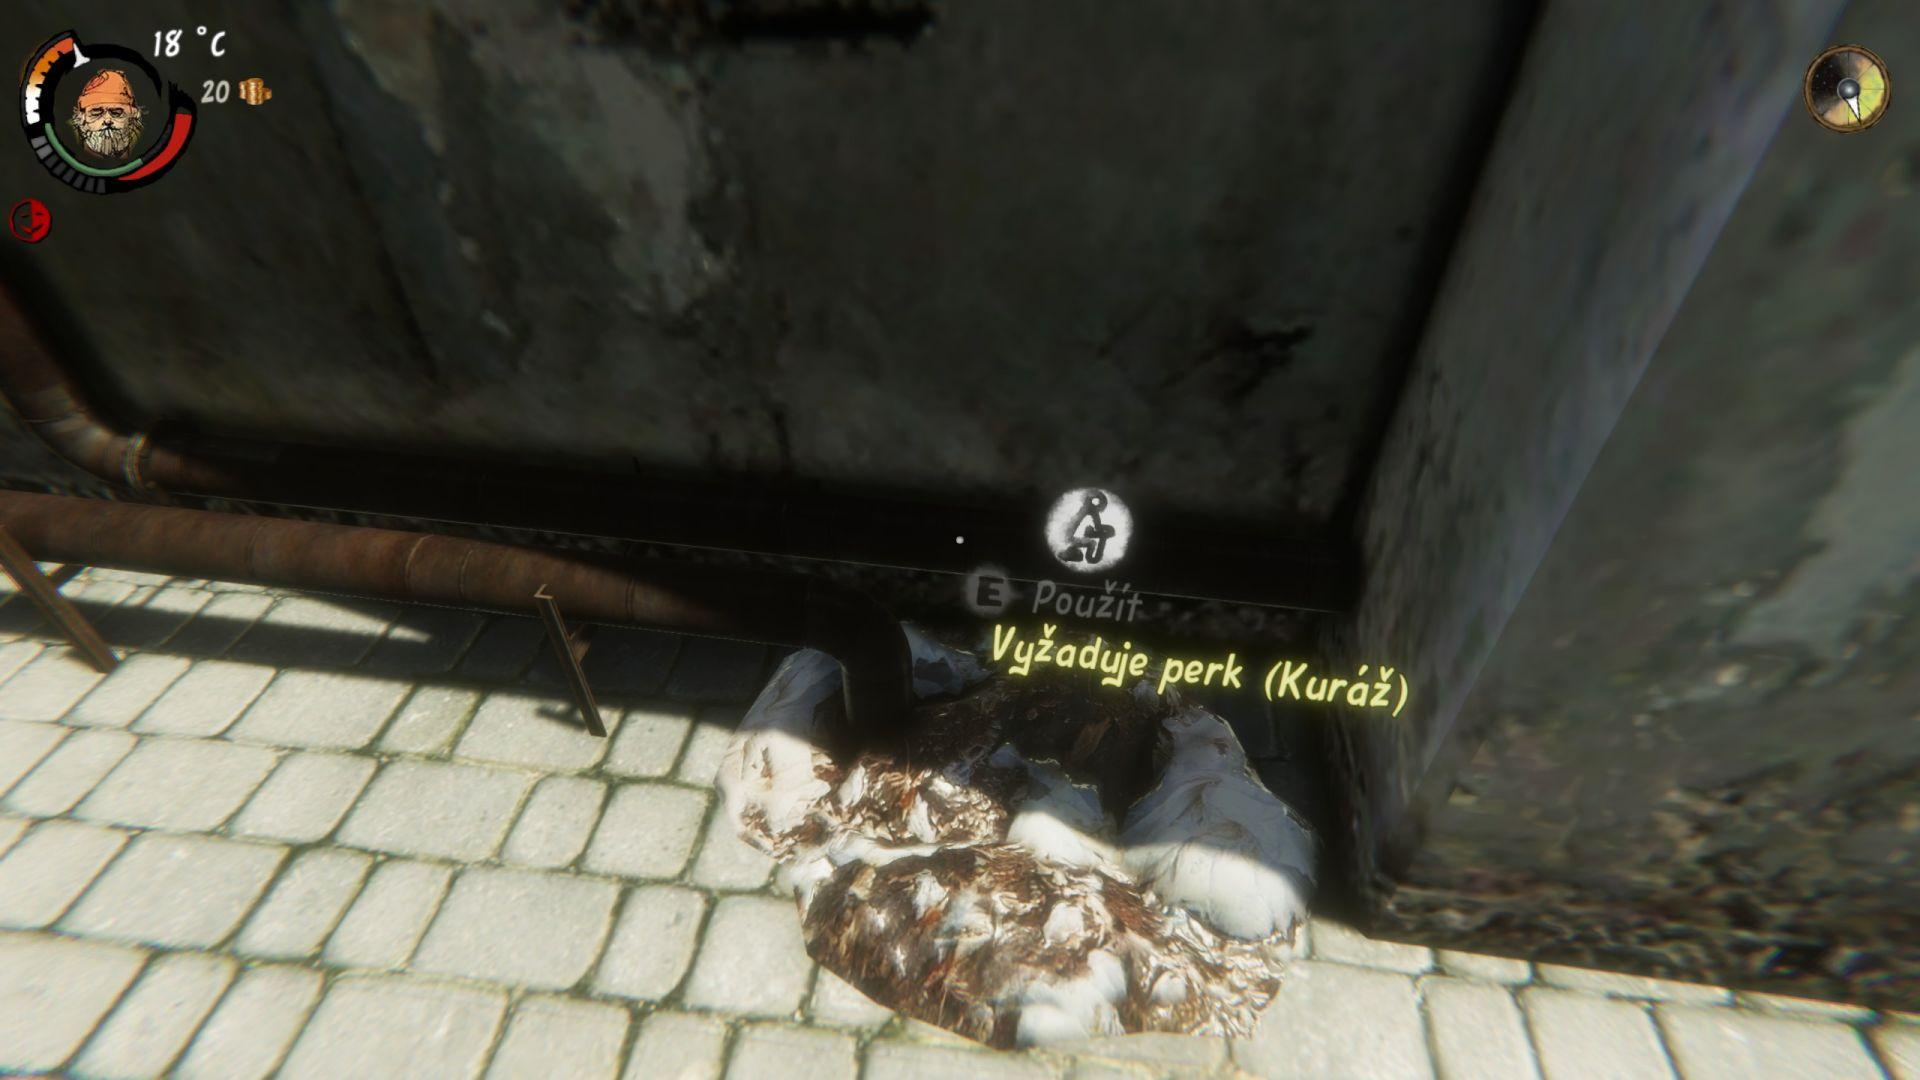 V reálném životě jsem už potkal pár bezdomovců, kteří měli perk Kuráž na maximálním levelu